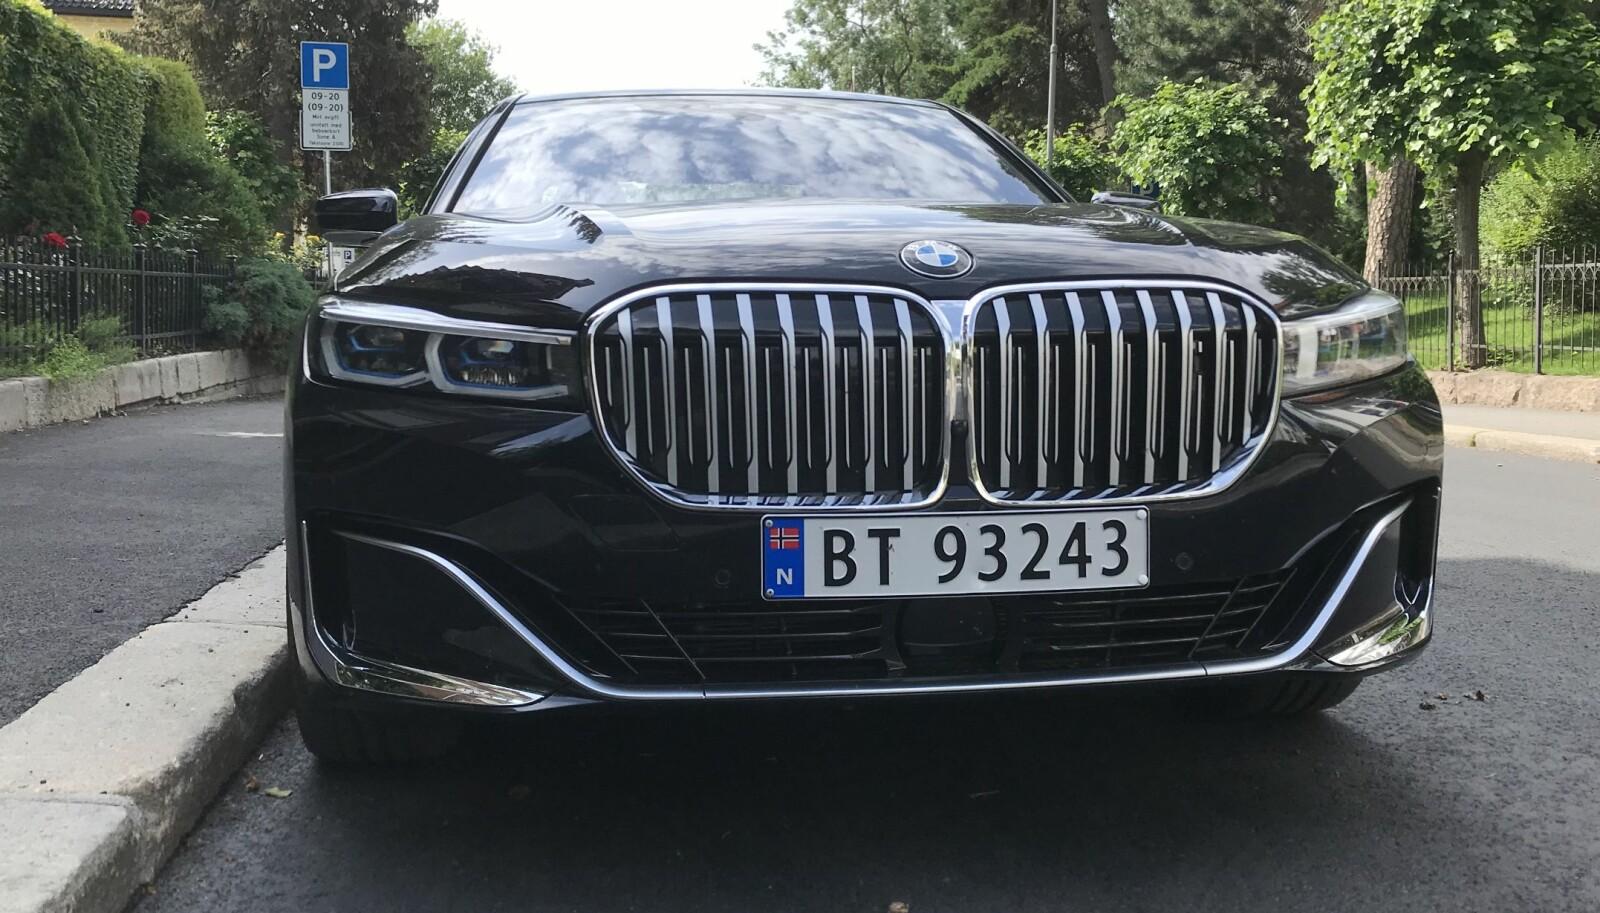 NYREGRILL: Gal etter grill og det ypperste innen komfort? Her er nye BMW 7-serie.